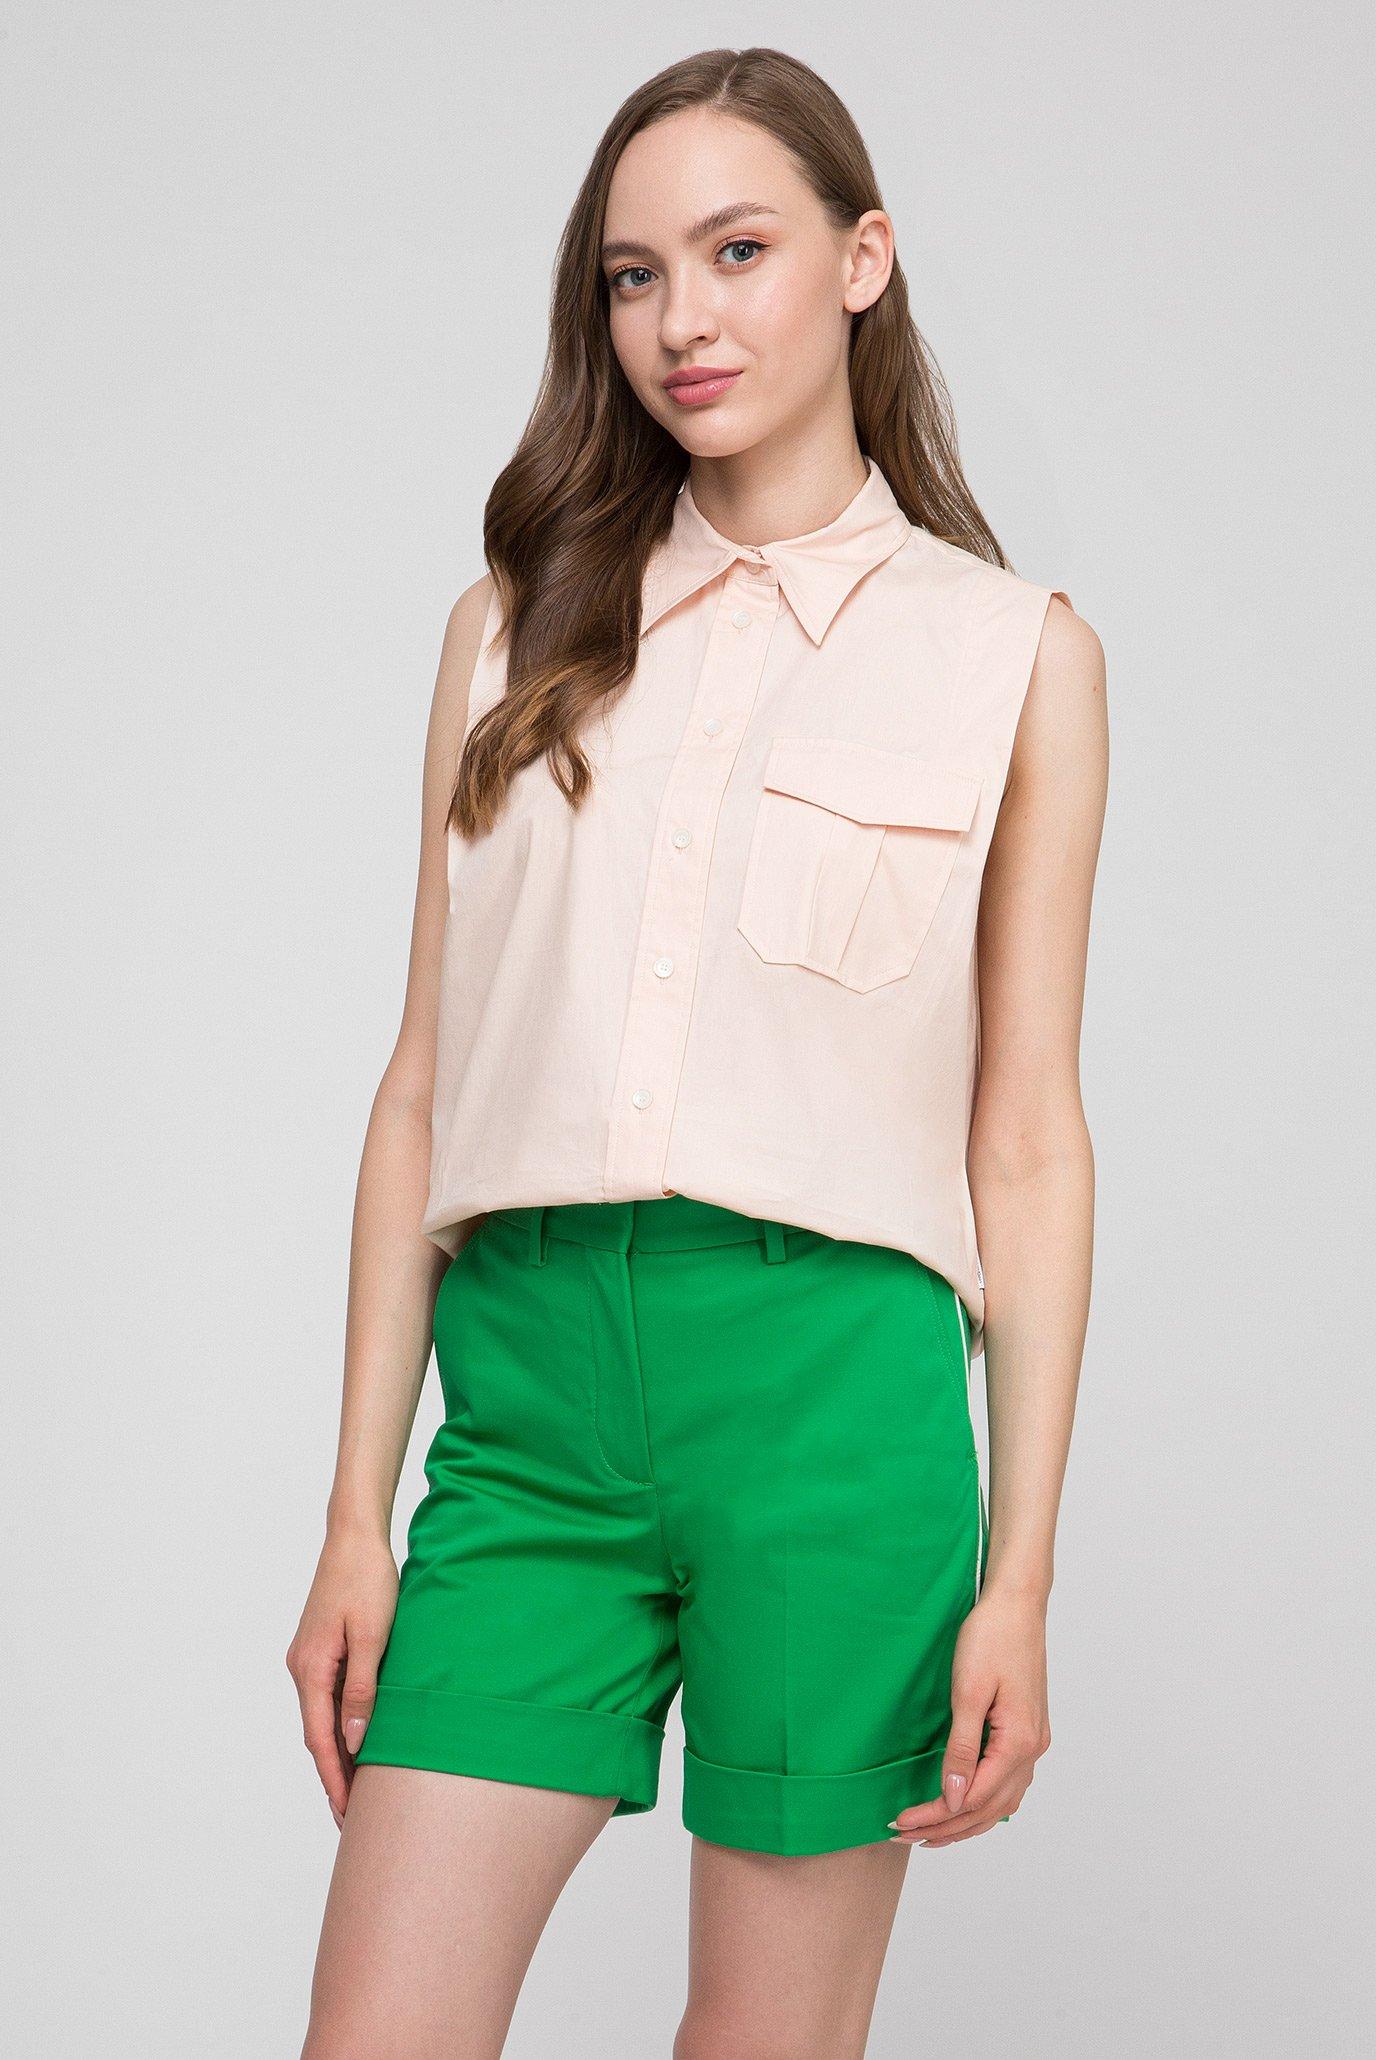 Купить Женская персиковая рубашка POLICE Calvin Klein Calvin Klein K20K200551 – Киев, Украина. Цены в интернет магазине MD Fashion